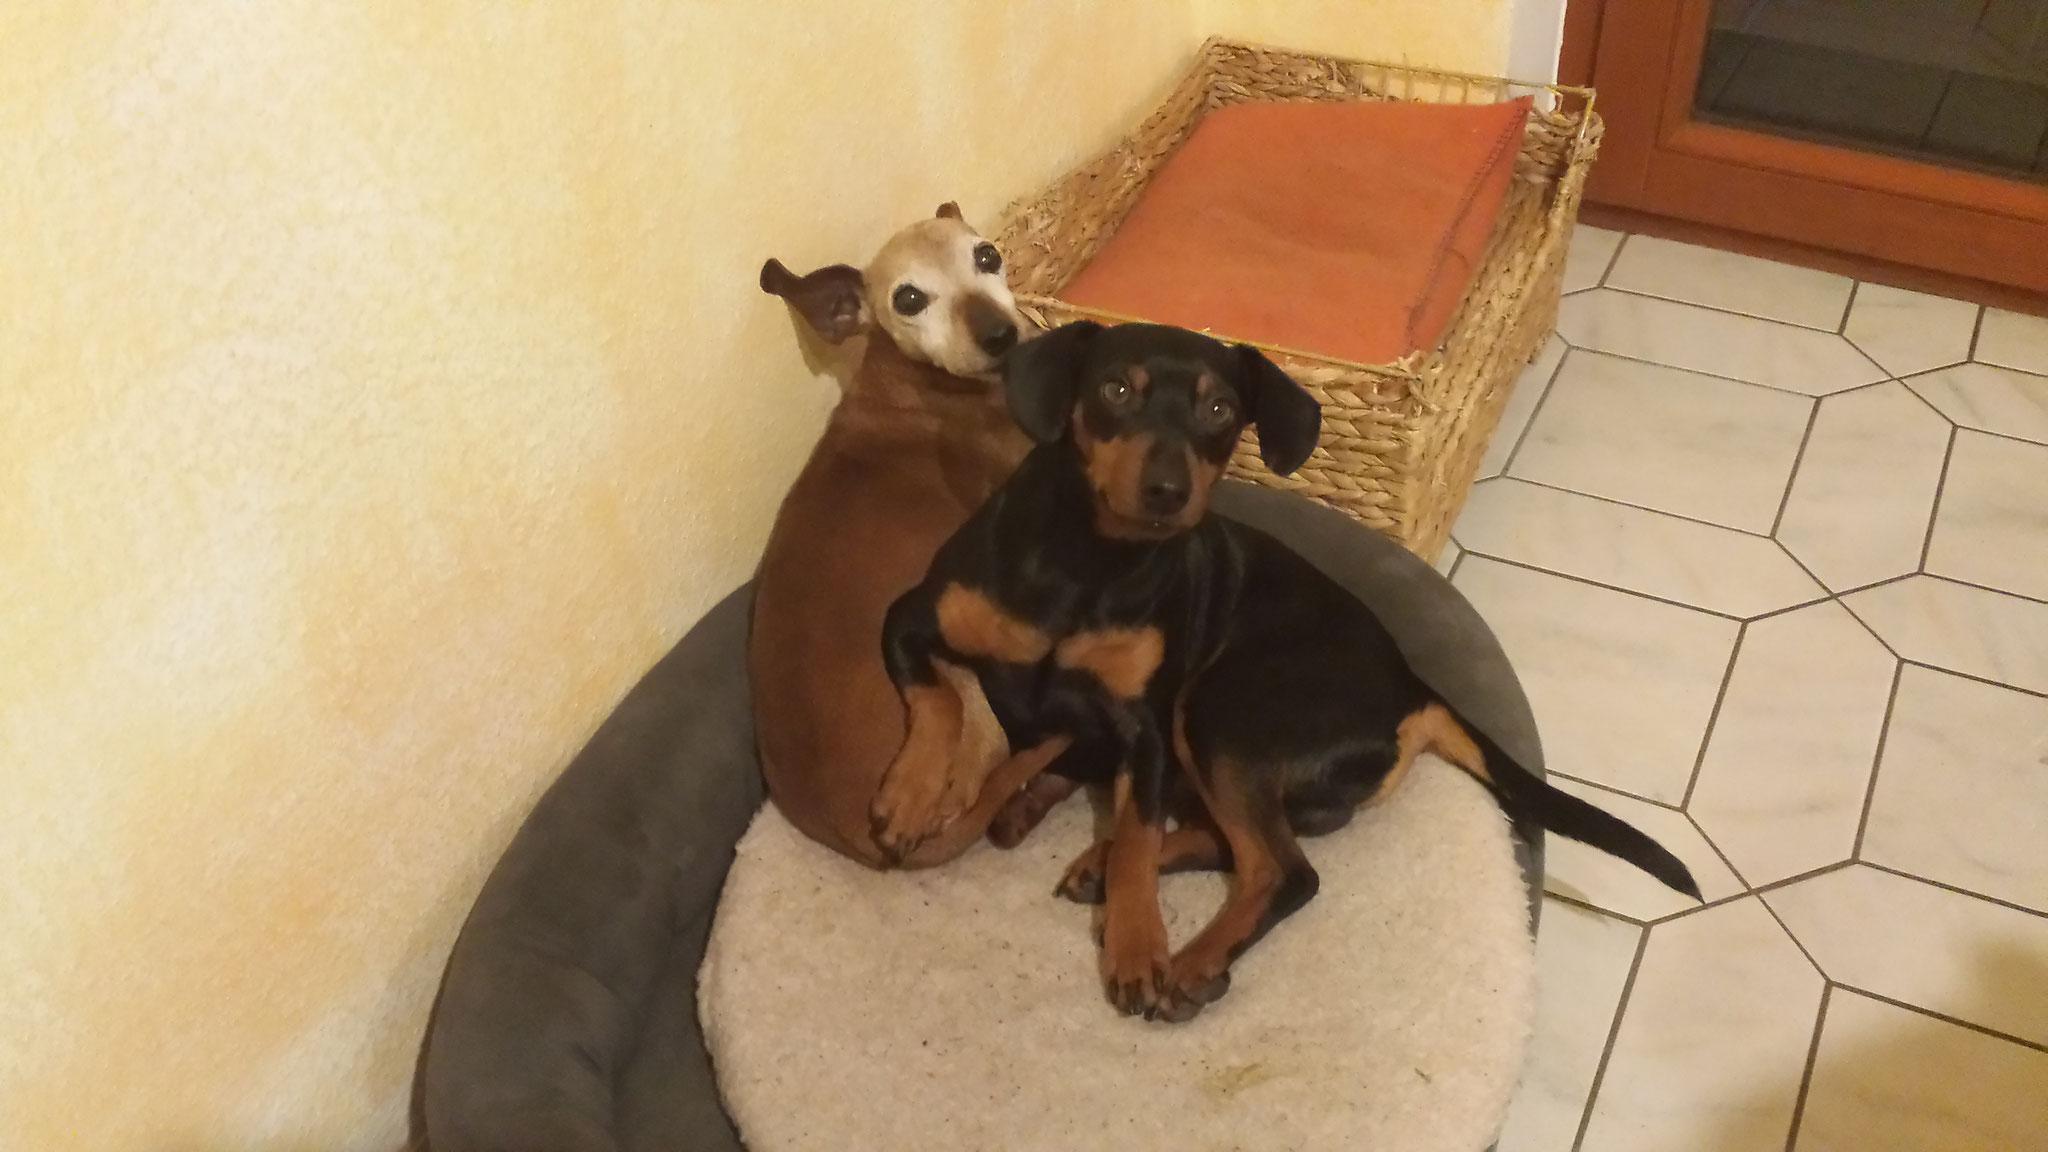 Jamba und Ched beim kuscheln